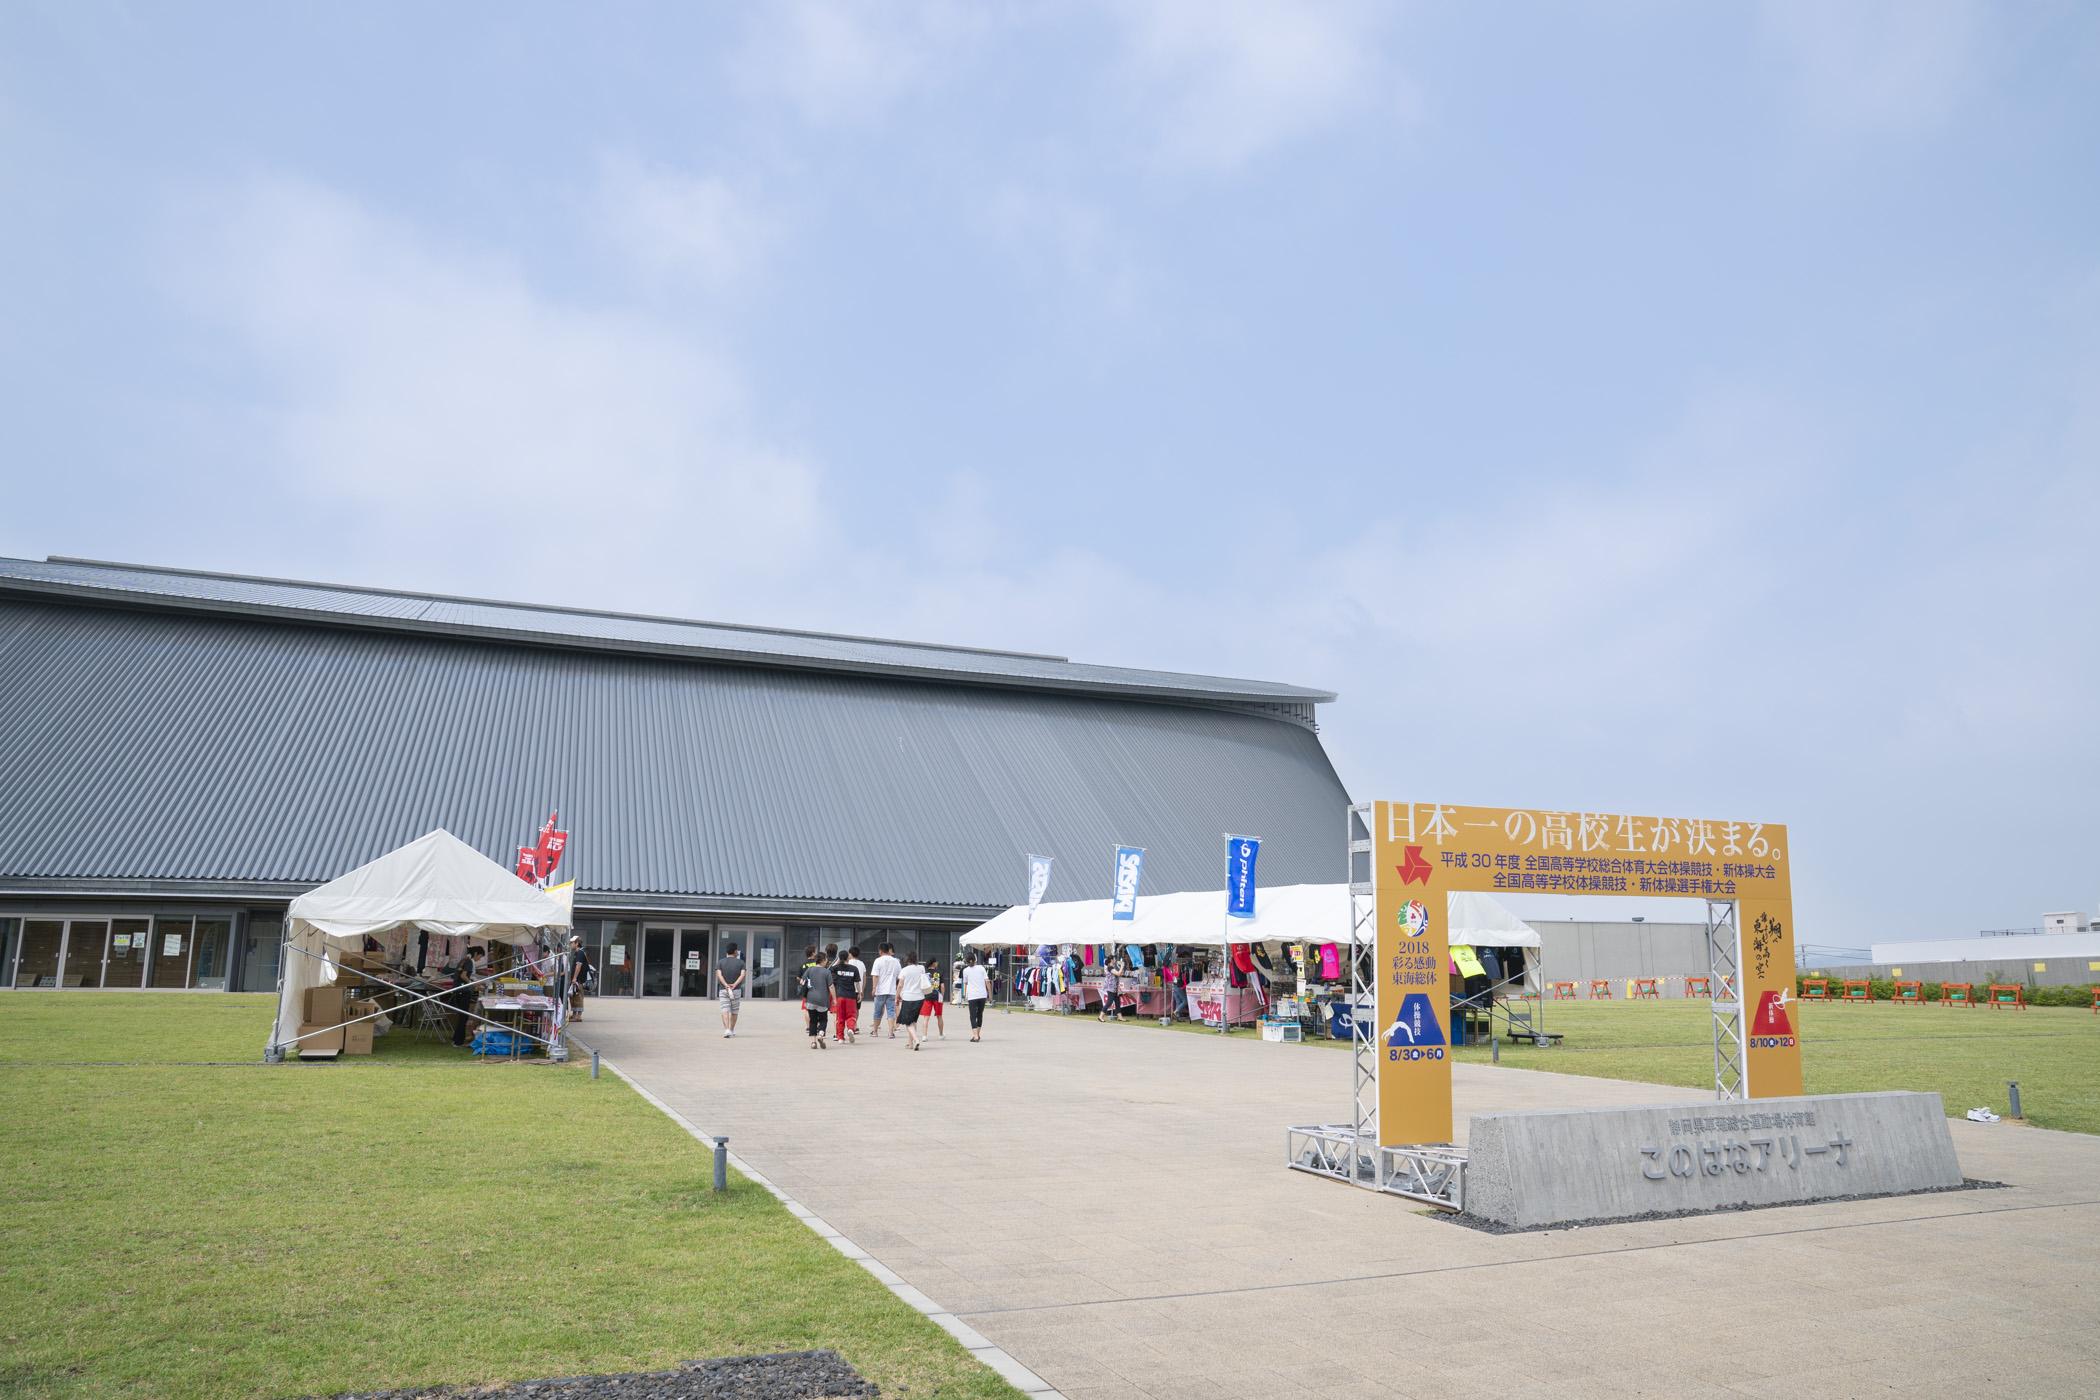 2018全国高等学校総合体育大会 静岡県草薙総合運動場体育館 このはなアリーナ